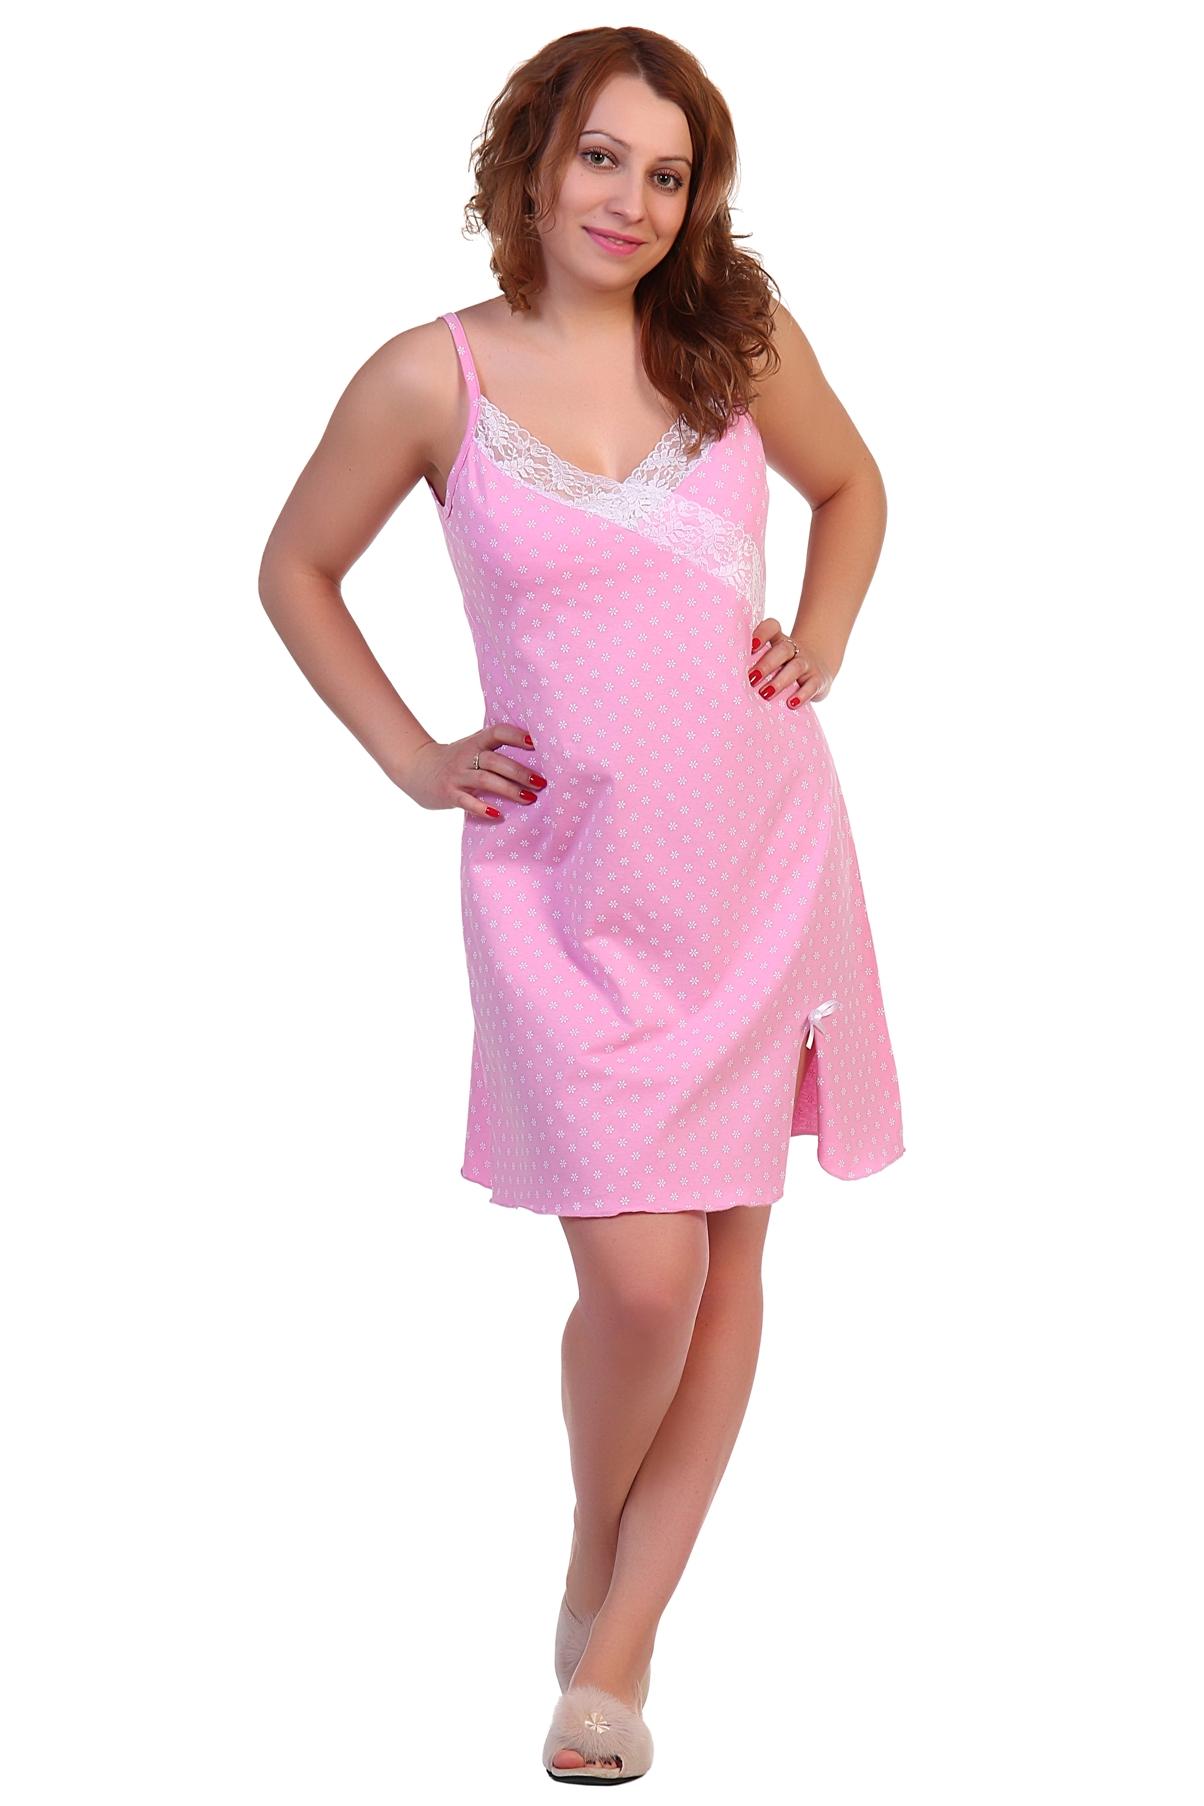 Жен. сорочка арт. 16-0302 Розовый р. 48Ночные сорочки<br>Факт. ОГ: 88 см <br>Факт. ОТ: 90 см <br>Факт. ОБ: 102 см <br>Длина по спинке: 87 см<br><br>Тип: Жен. сорочка<br>Размер: 48<br>Материал: Кулирка